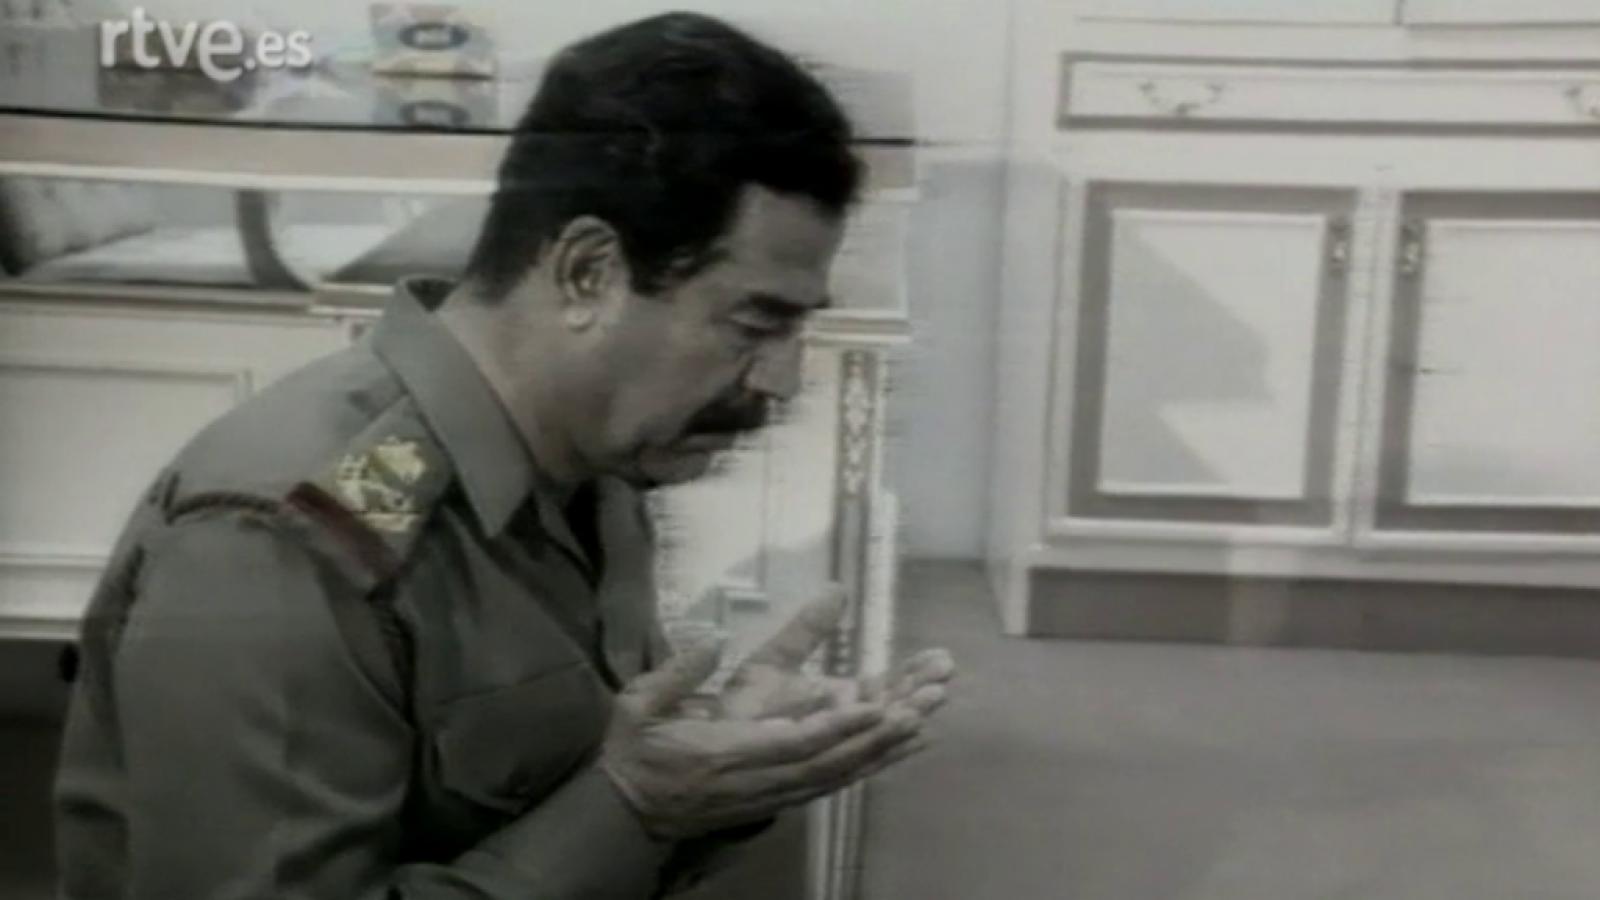 Telediario - Inicio de la Guerra del Golfo - 17/01/1991